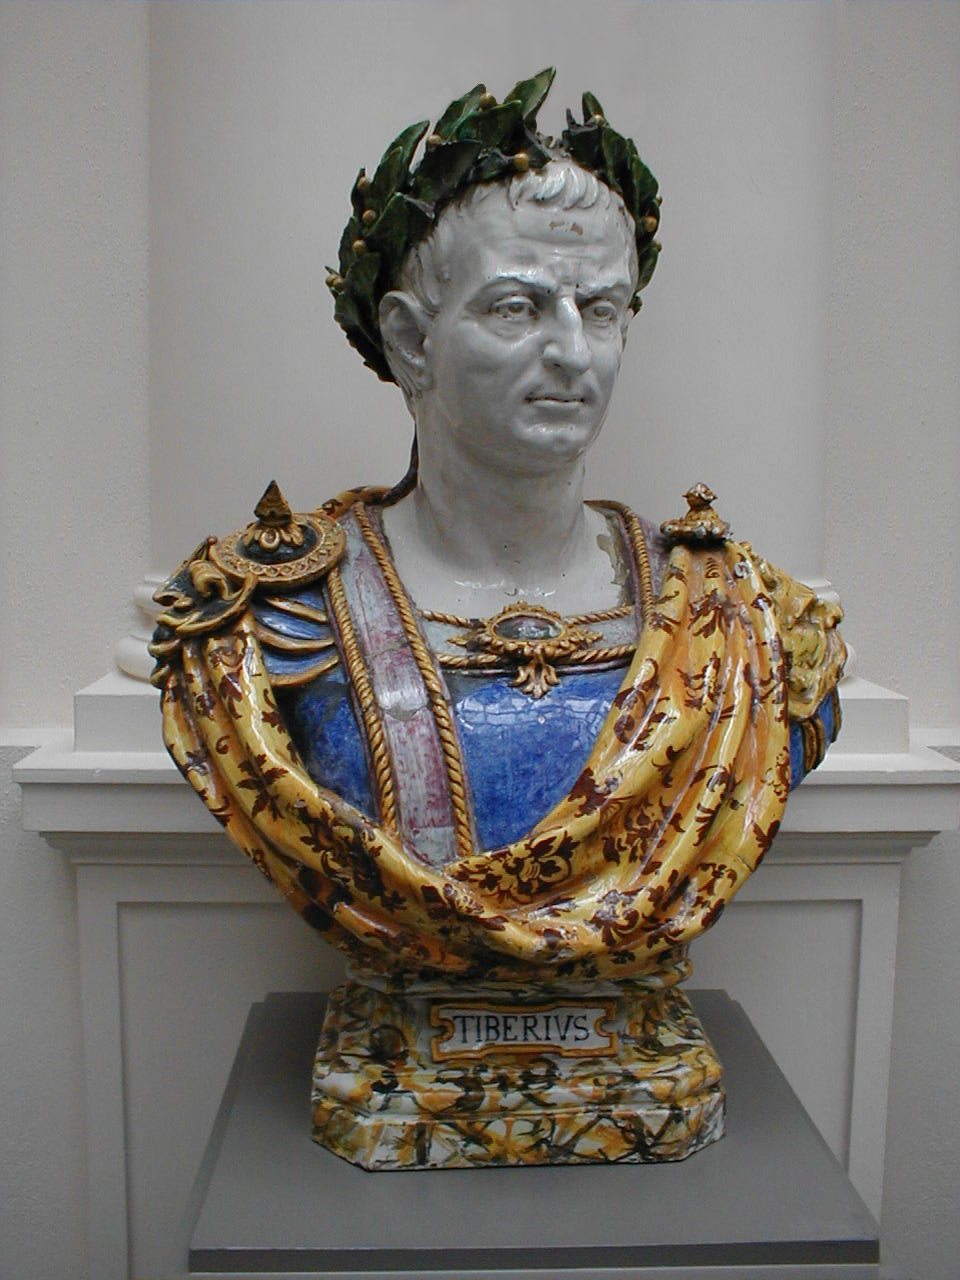 Emperor Nero: Facts & Biography